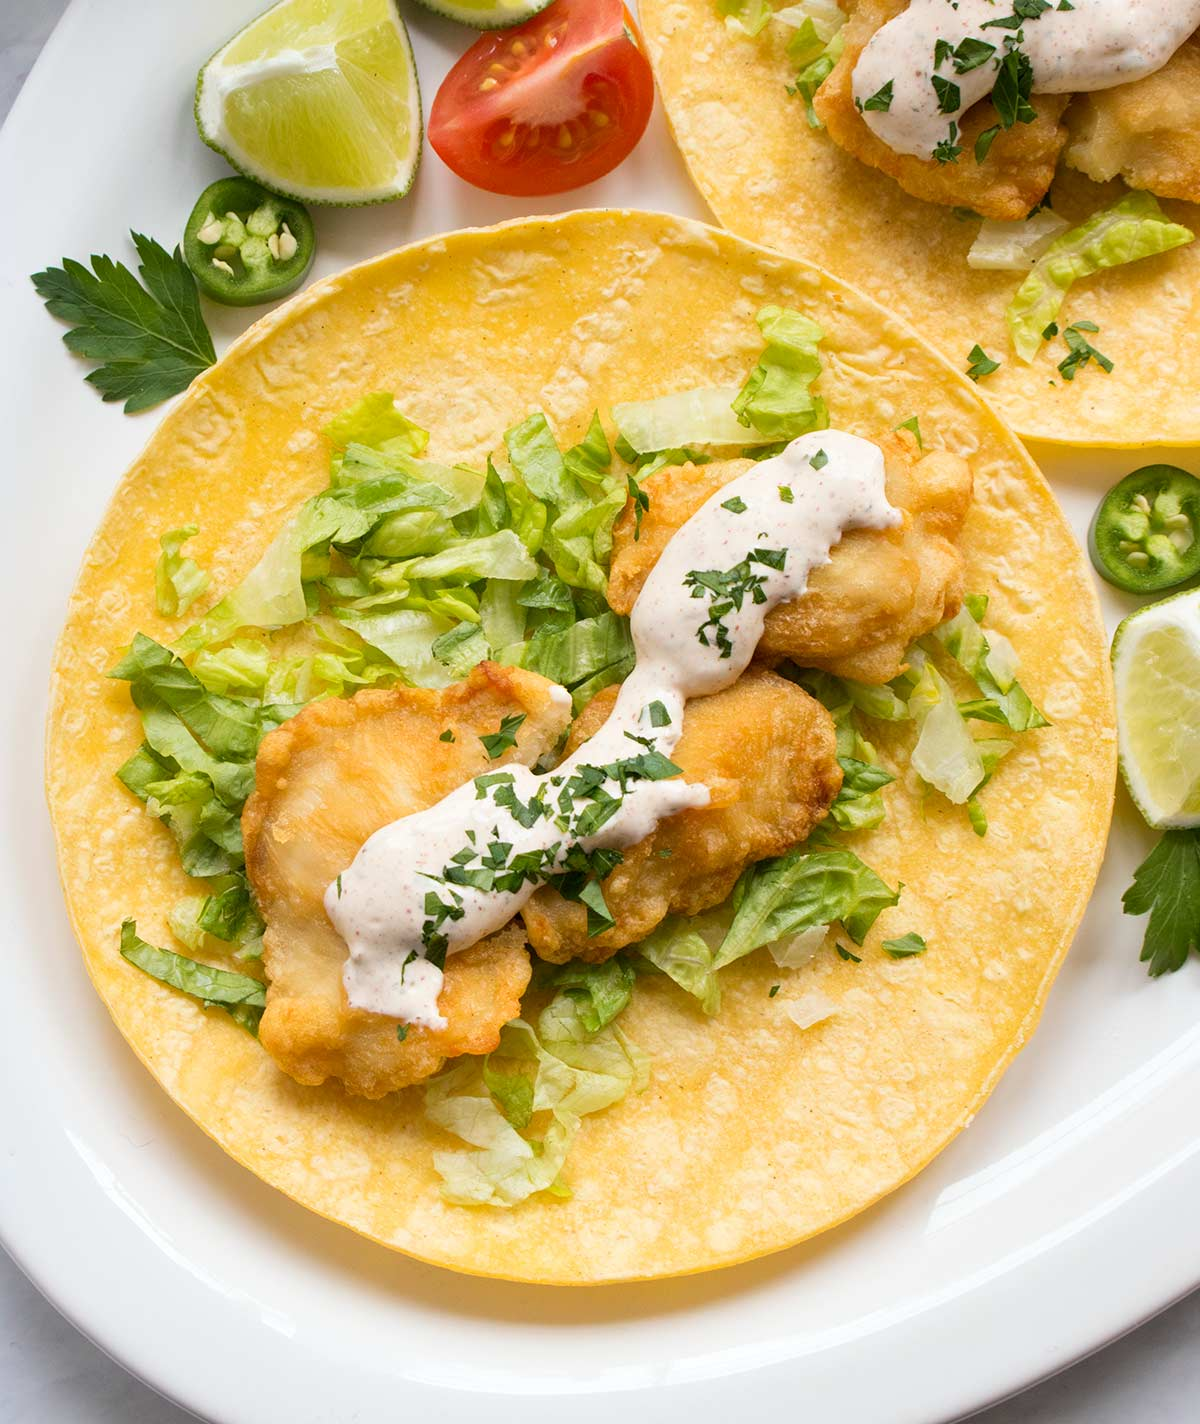 Homemade fish taco sauce on fish tacos and corn tortillas. Recipe at SoupAddict.com